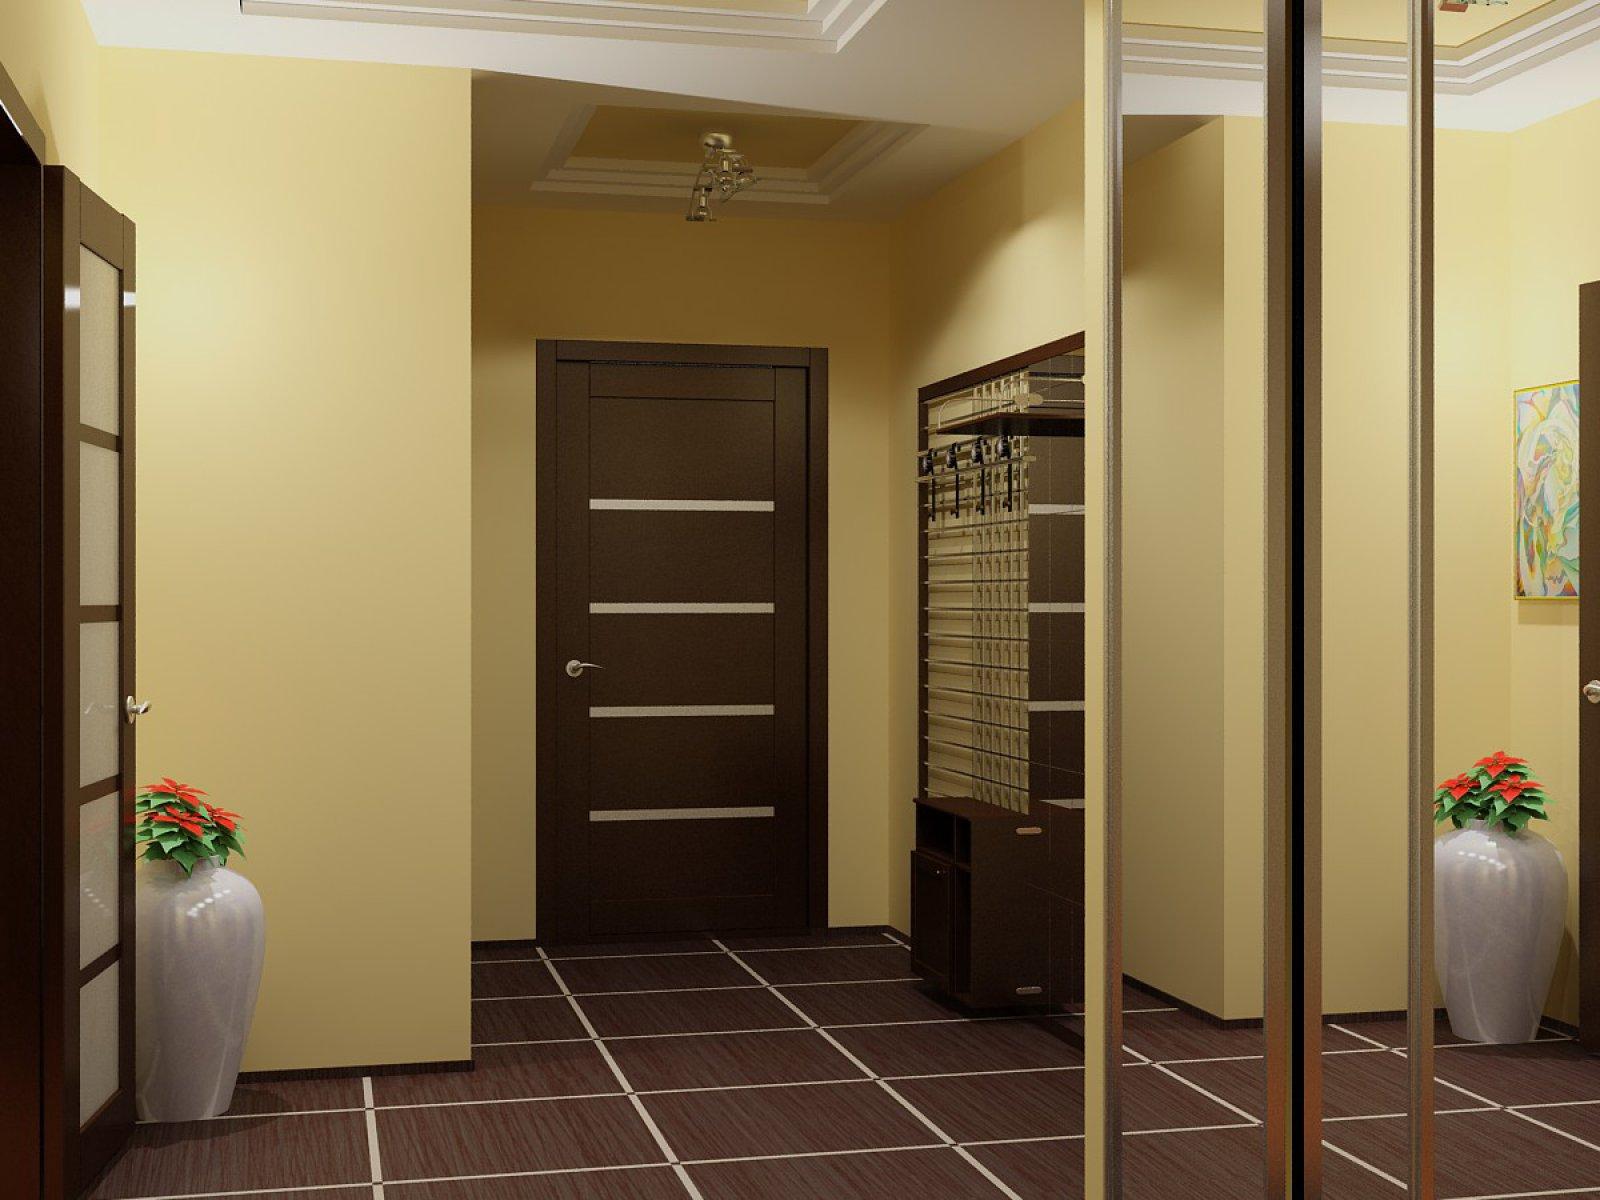 Покраска стен в коридоре (51 фото): как правильно покрасить стены в прихожей? варианты дизайна интерьера в квартире и в доме